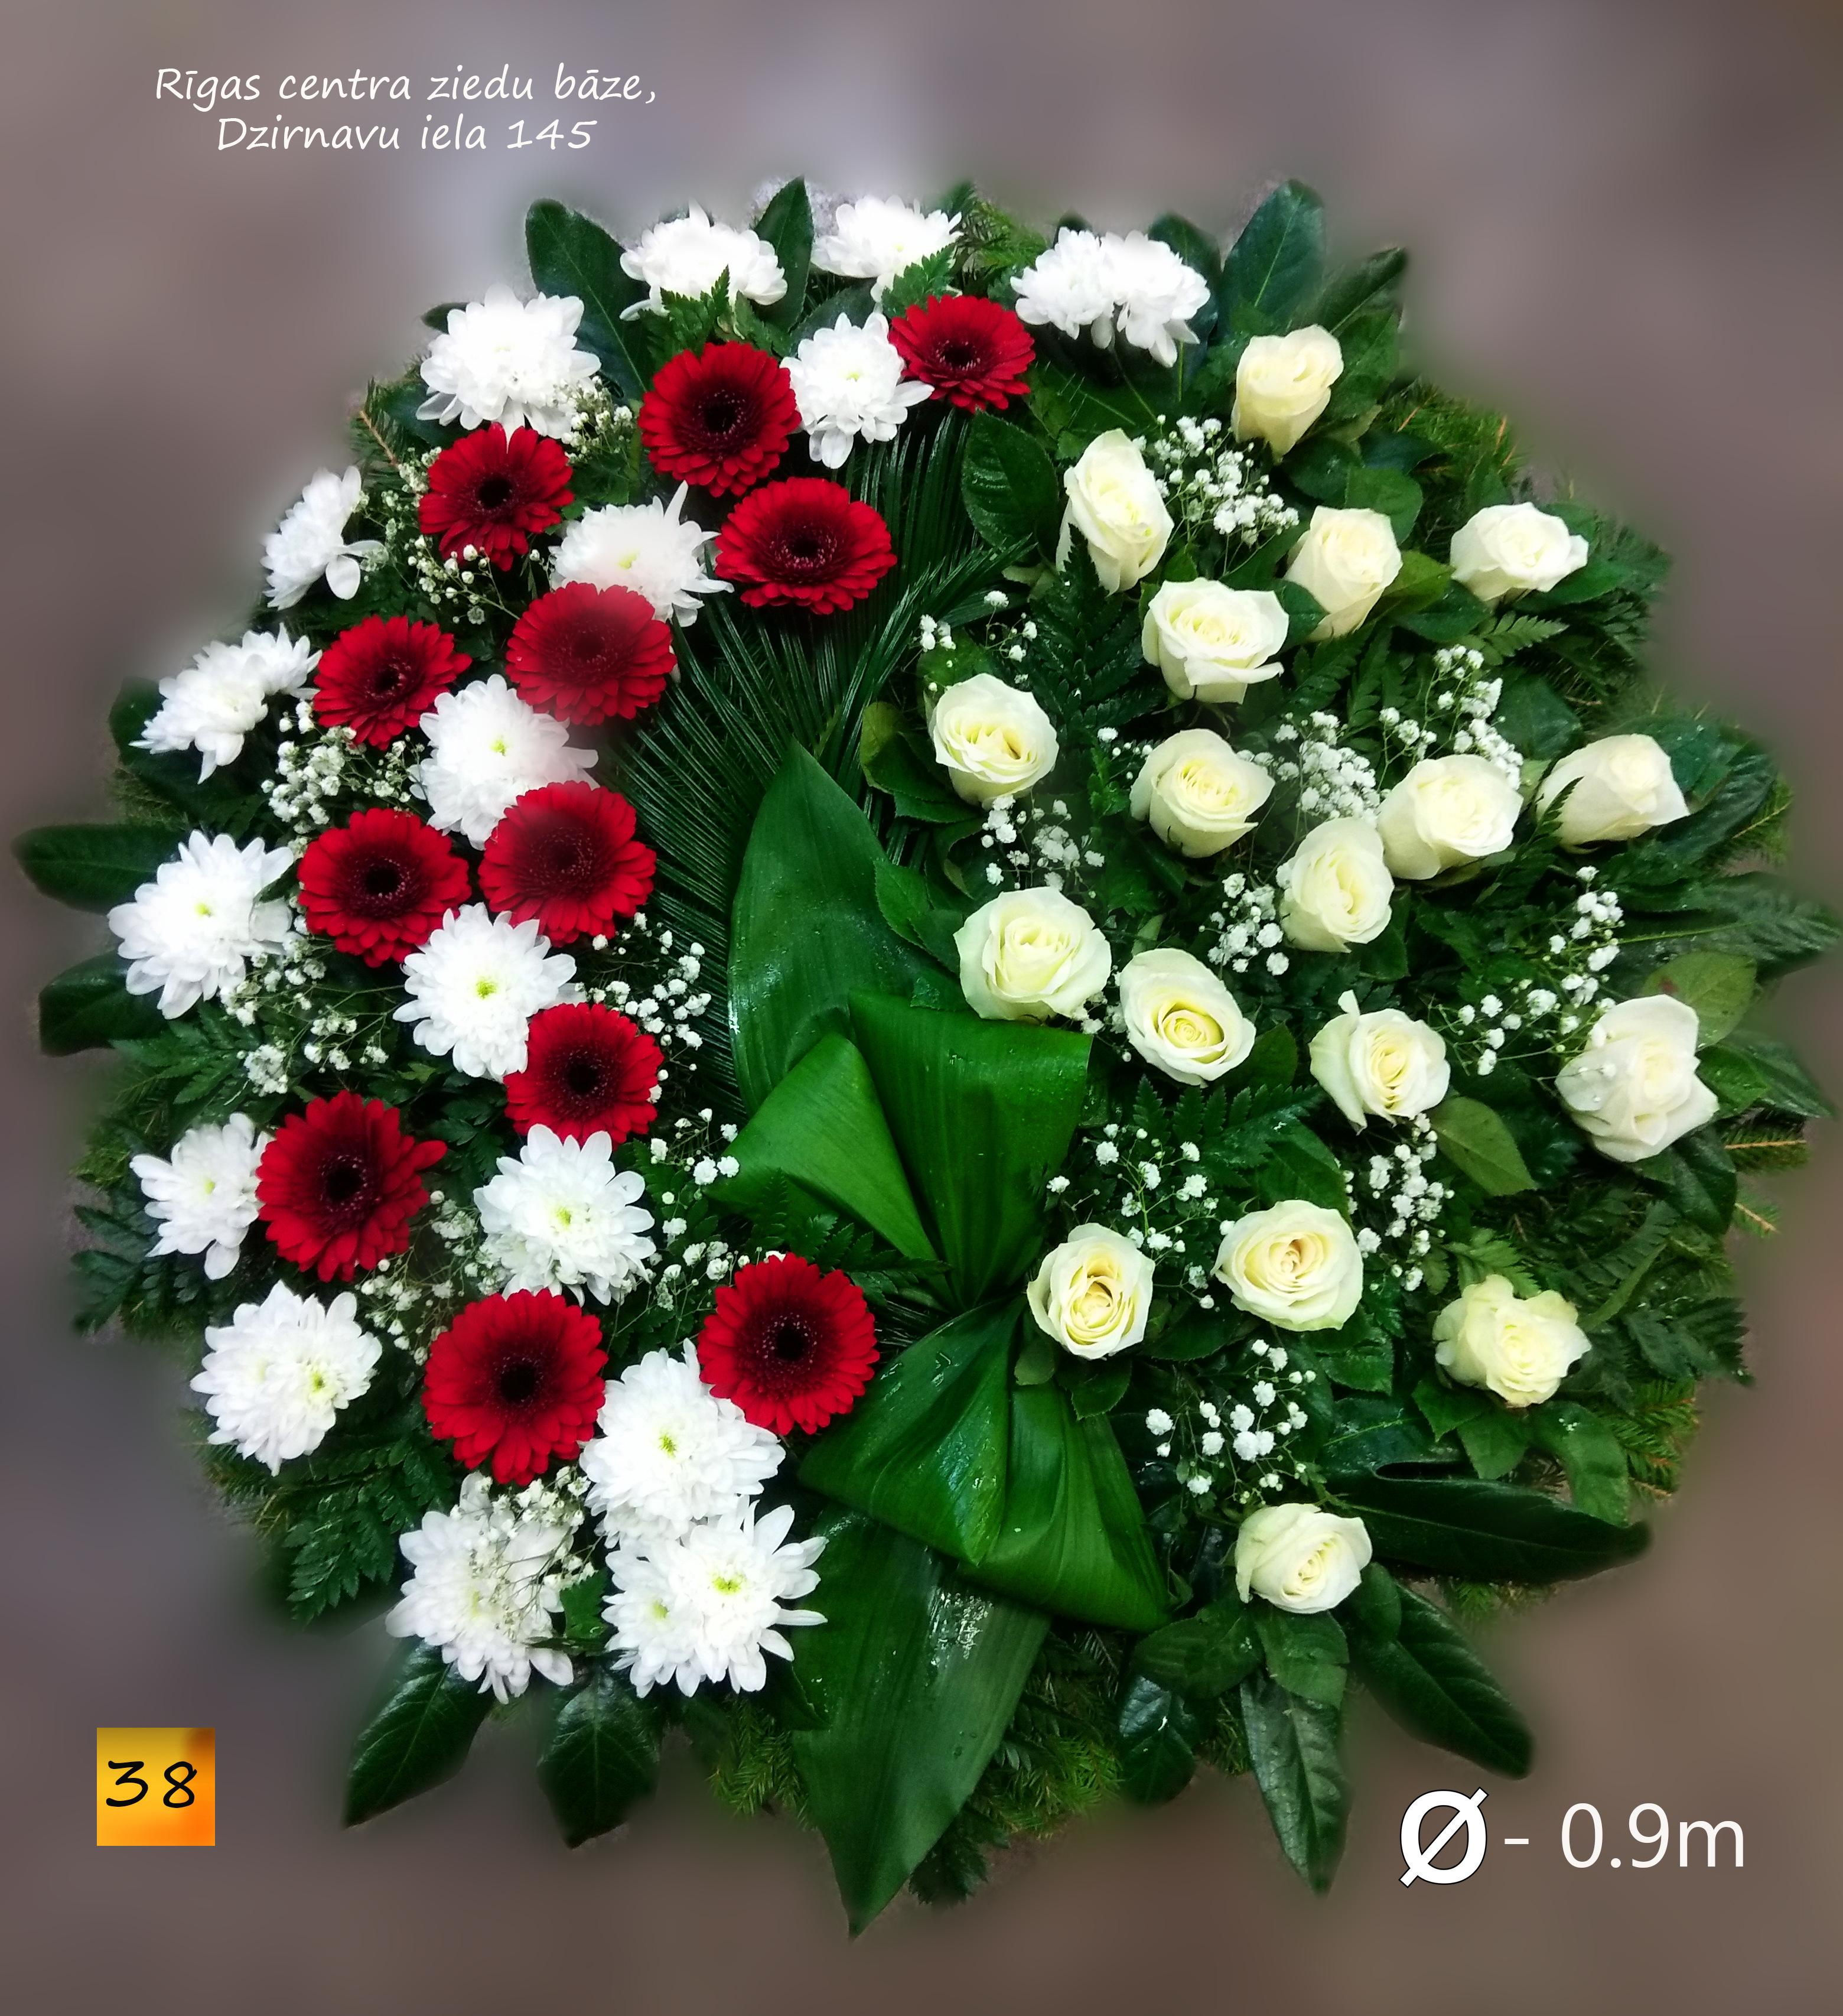 Bēru vainags ar svaigiem ziediem -